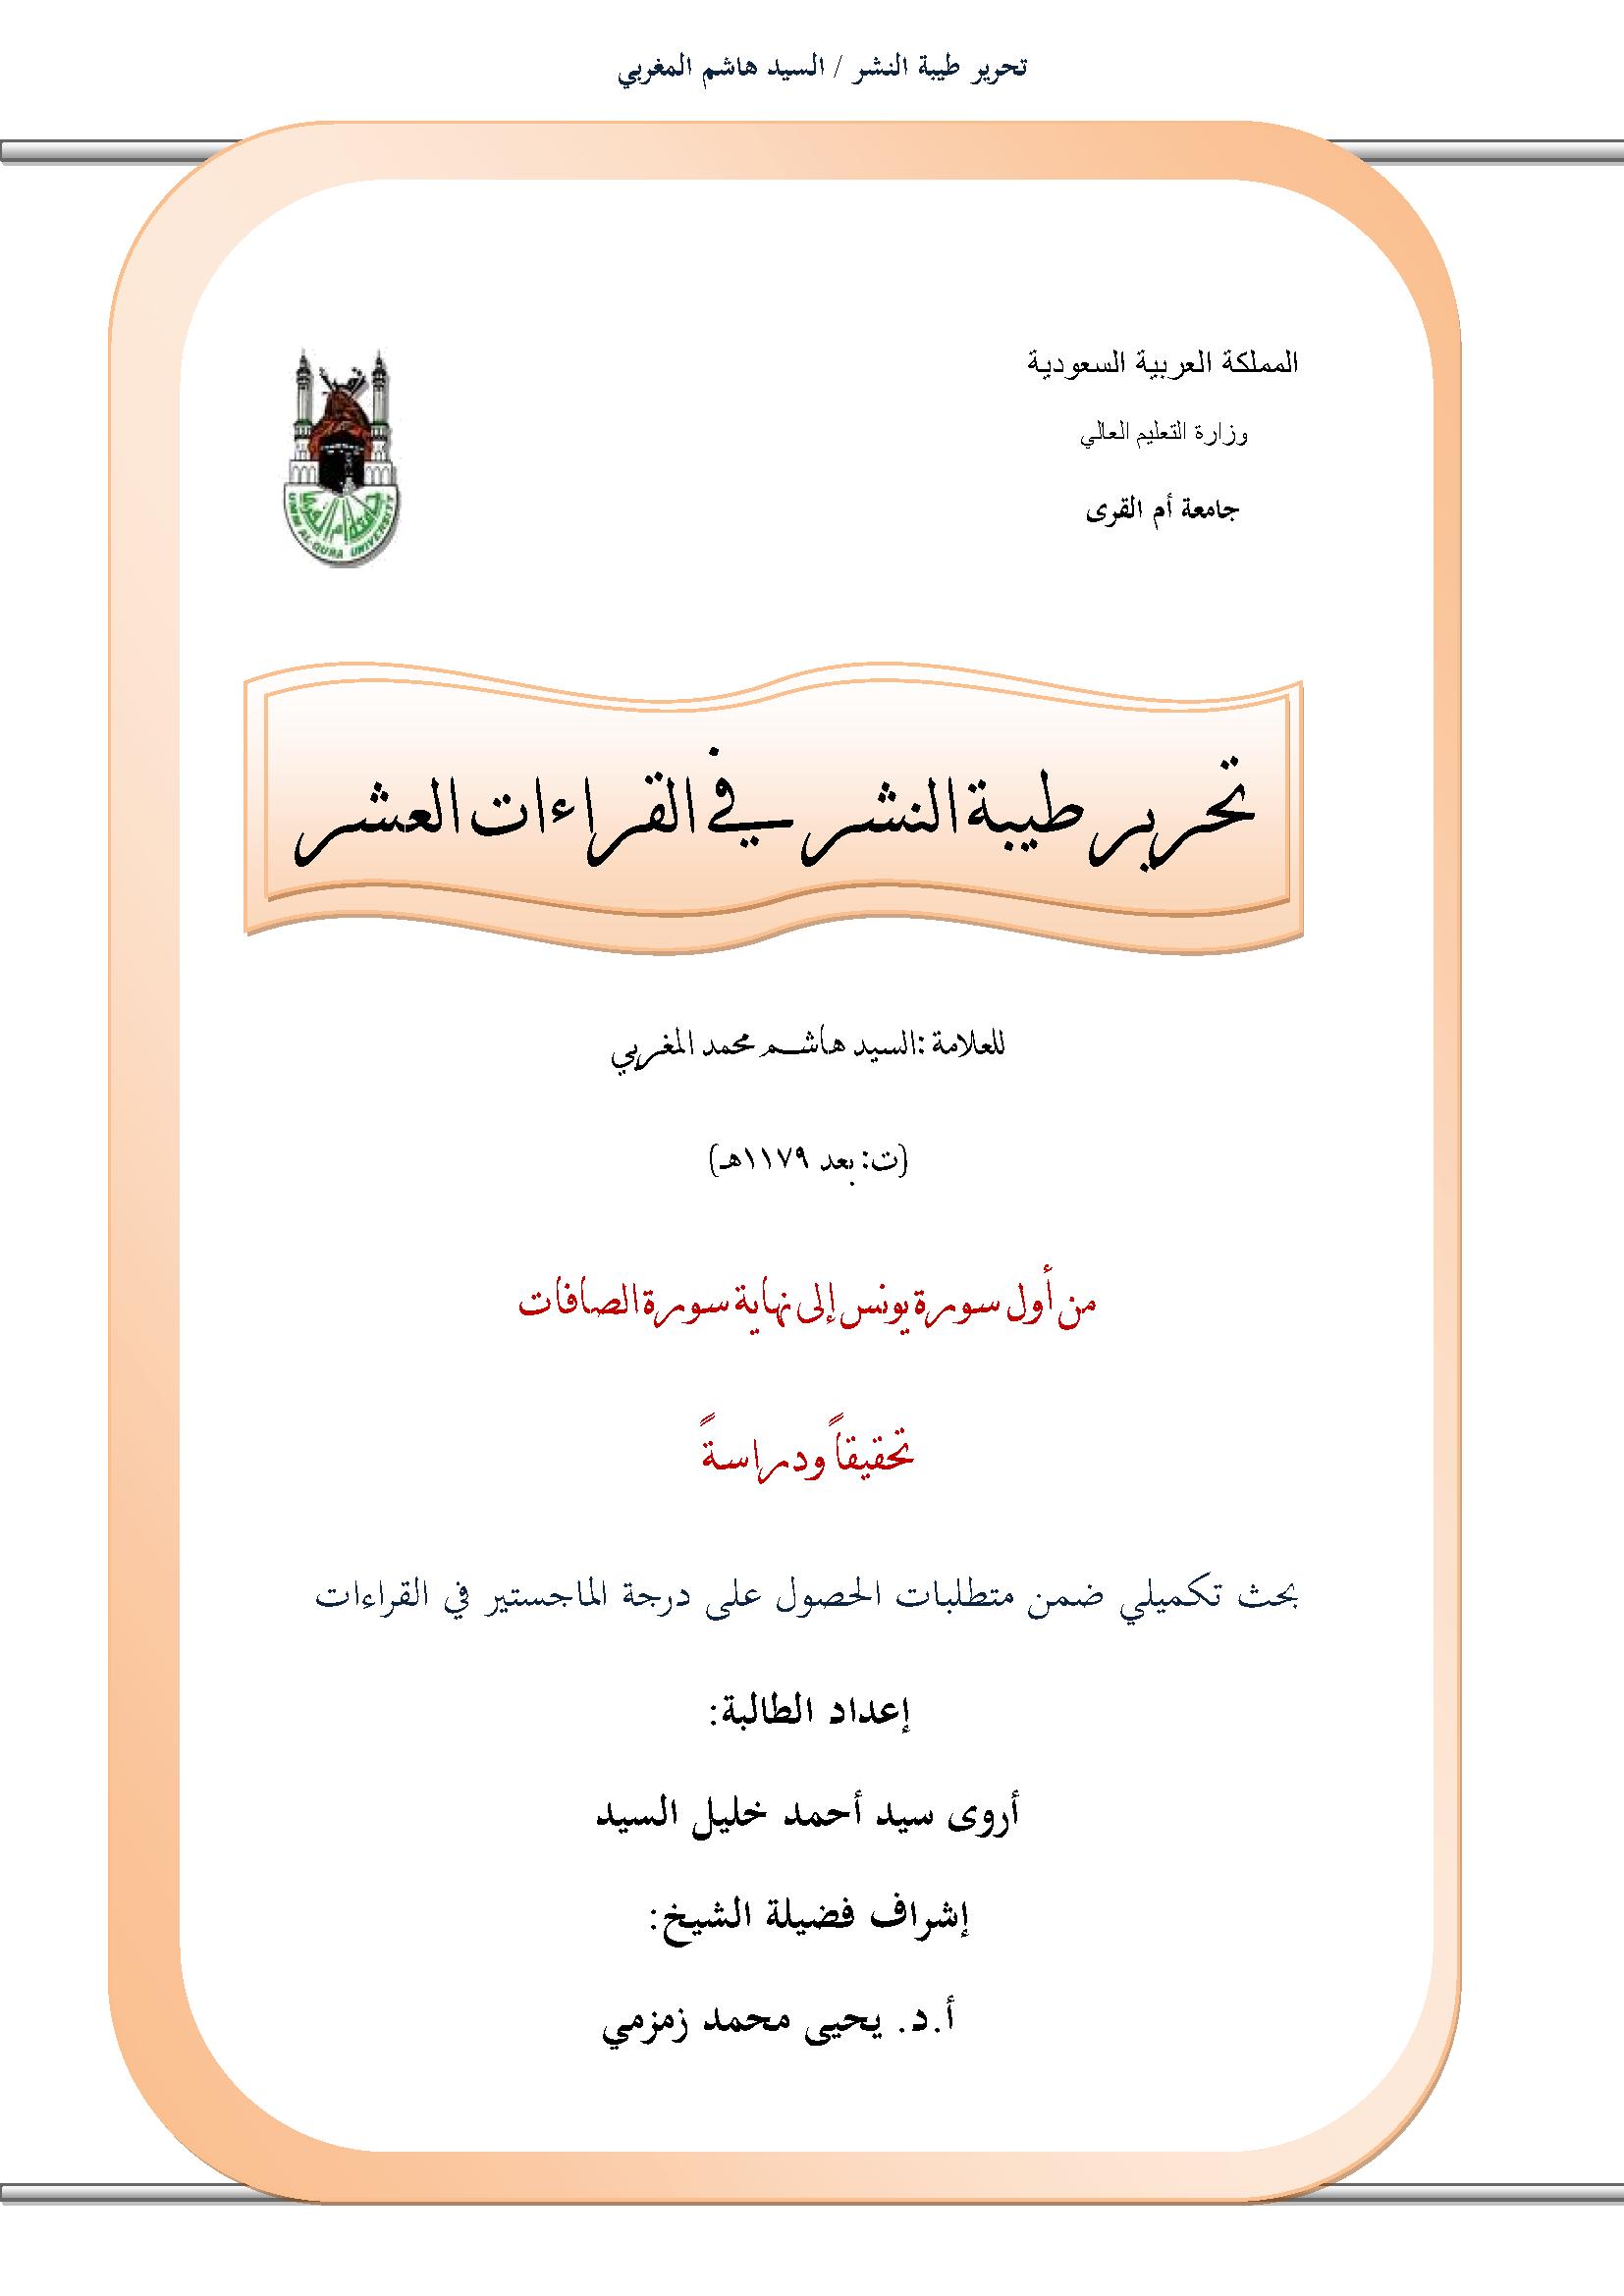 تحميل كتاب تحرير طيبة النشر في القراءات العشر (من أول سورة يونس إلى نهاية سورة الصافات) تحقيقًا ودراسةً لـِ: الإمام هاشم بن محمد المغربي الأزميري، الشهير بالسيد هاشم (ت بعد 1179)